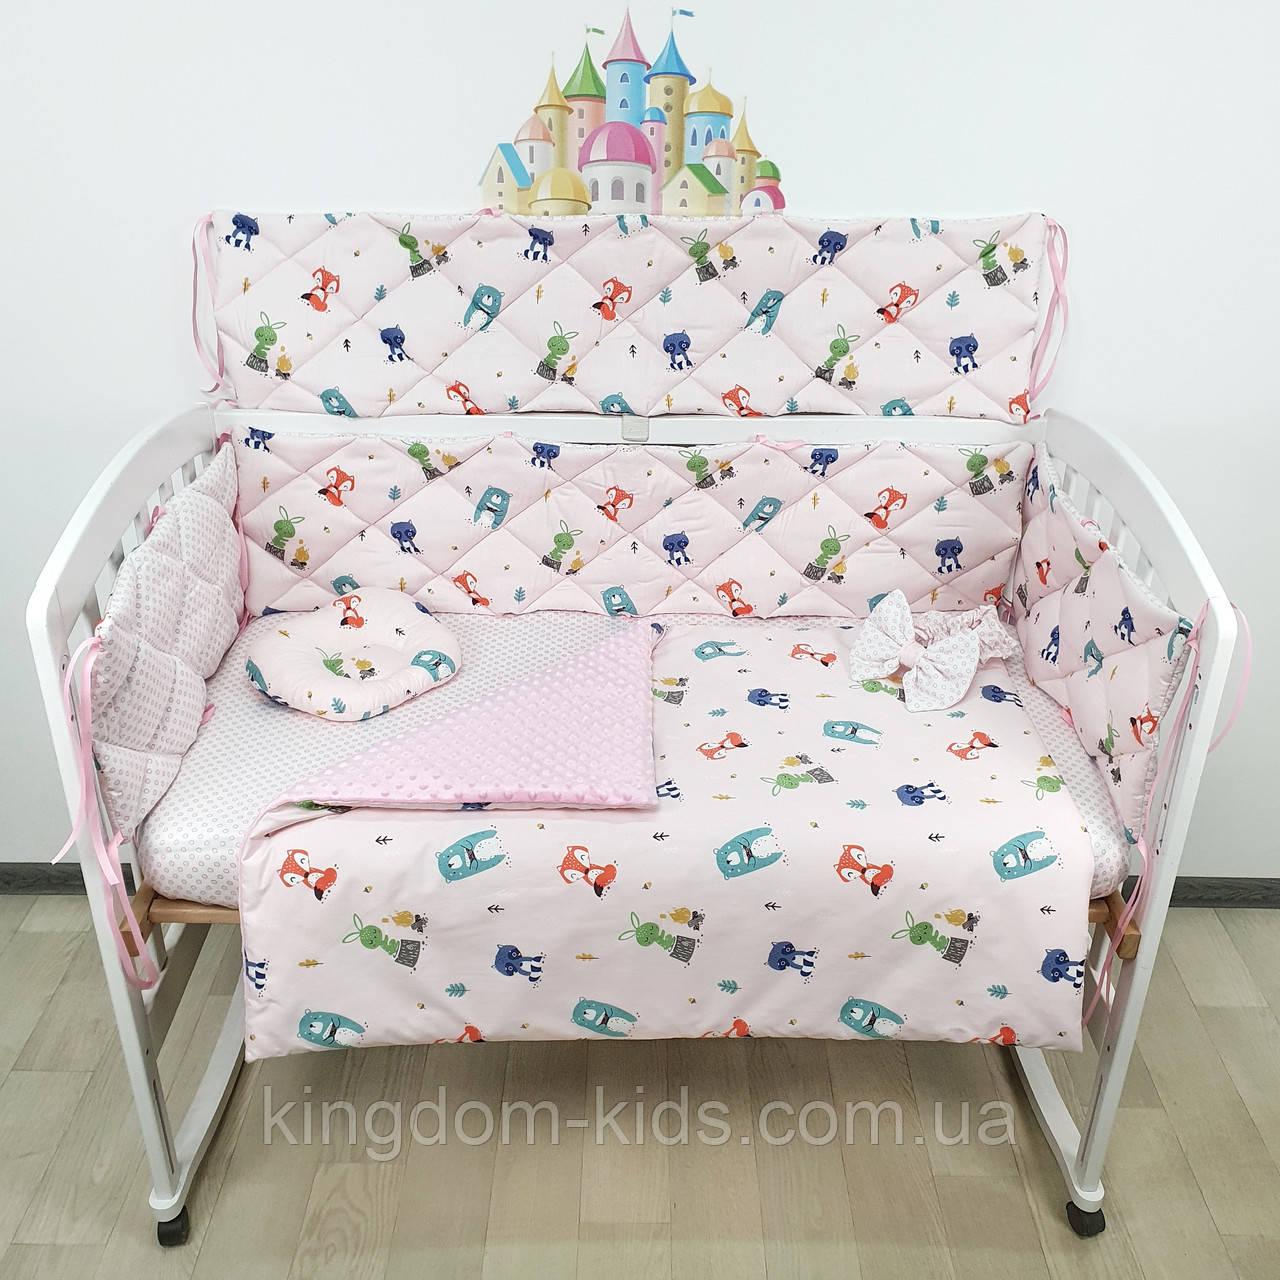 Комплект плоских бортиков и постельного из САТИНА в кроватку с лесными зверятами на нежно-розовом